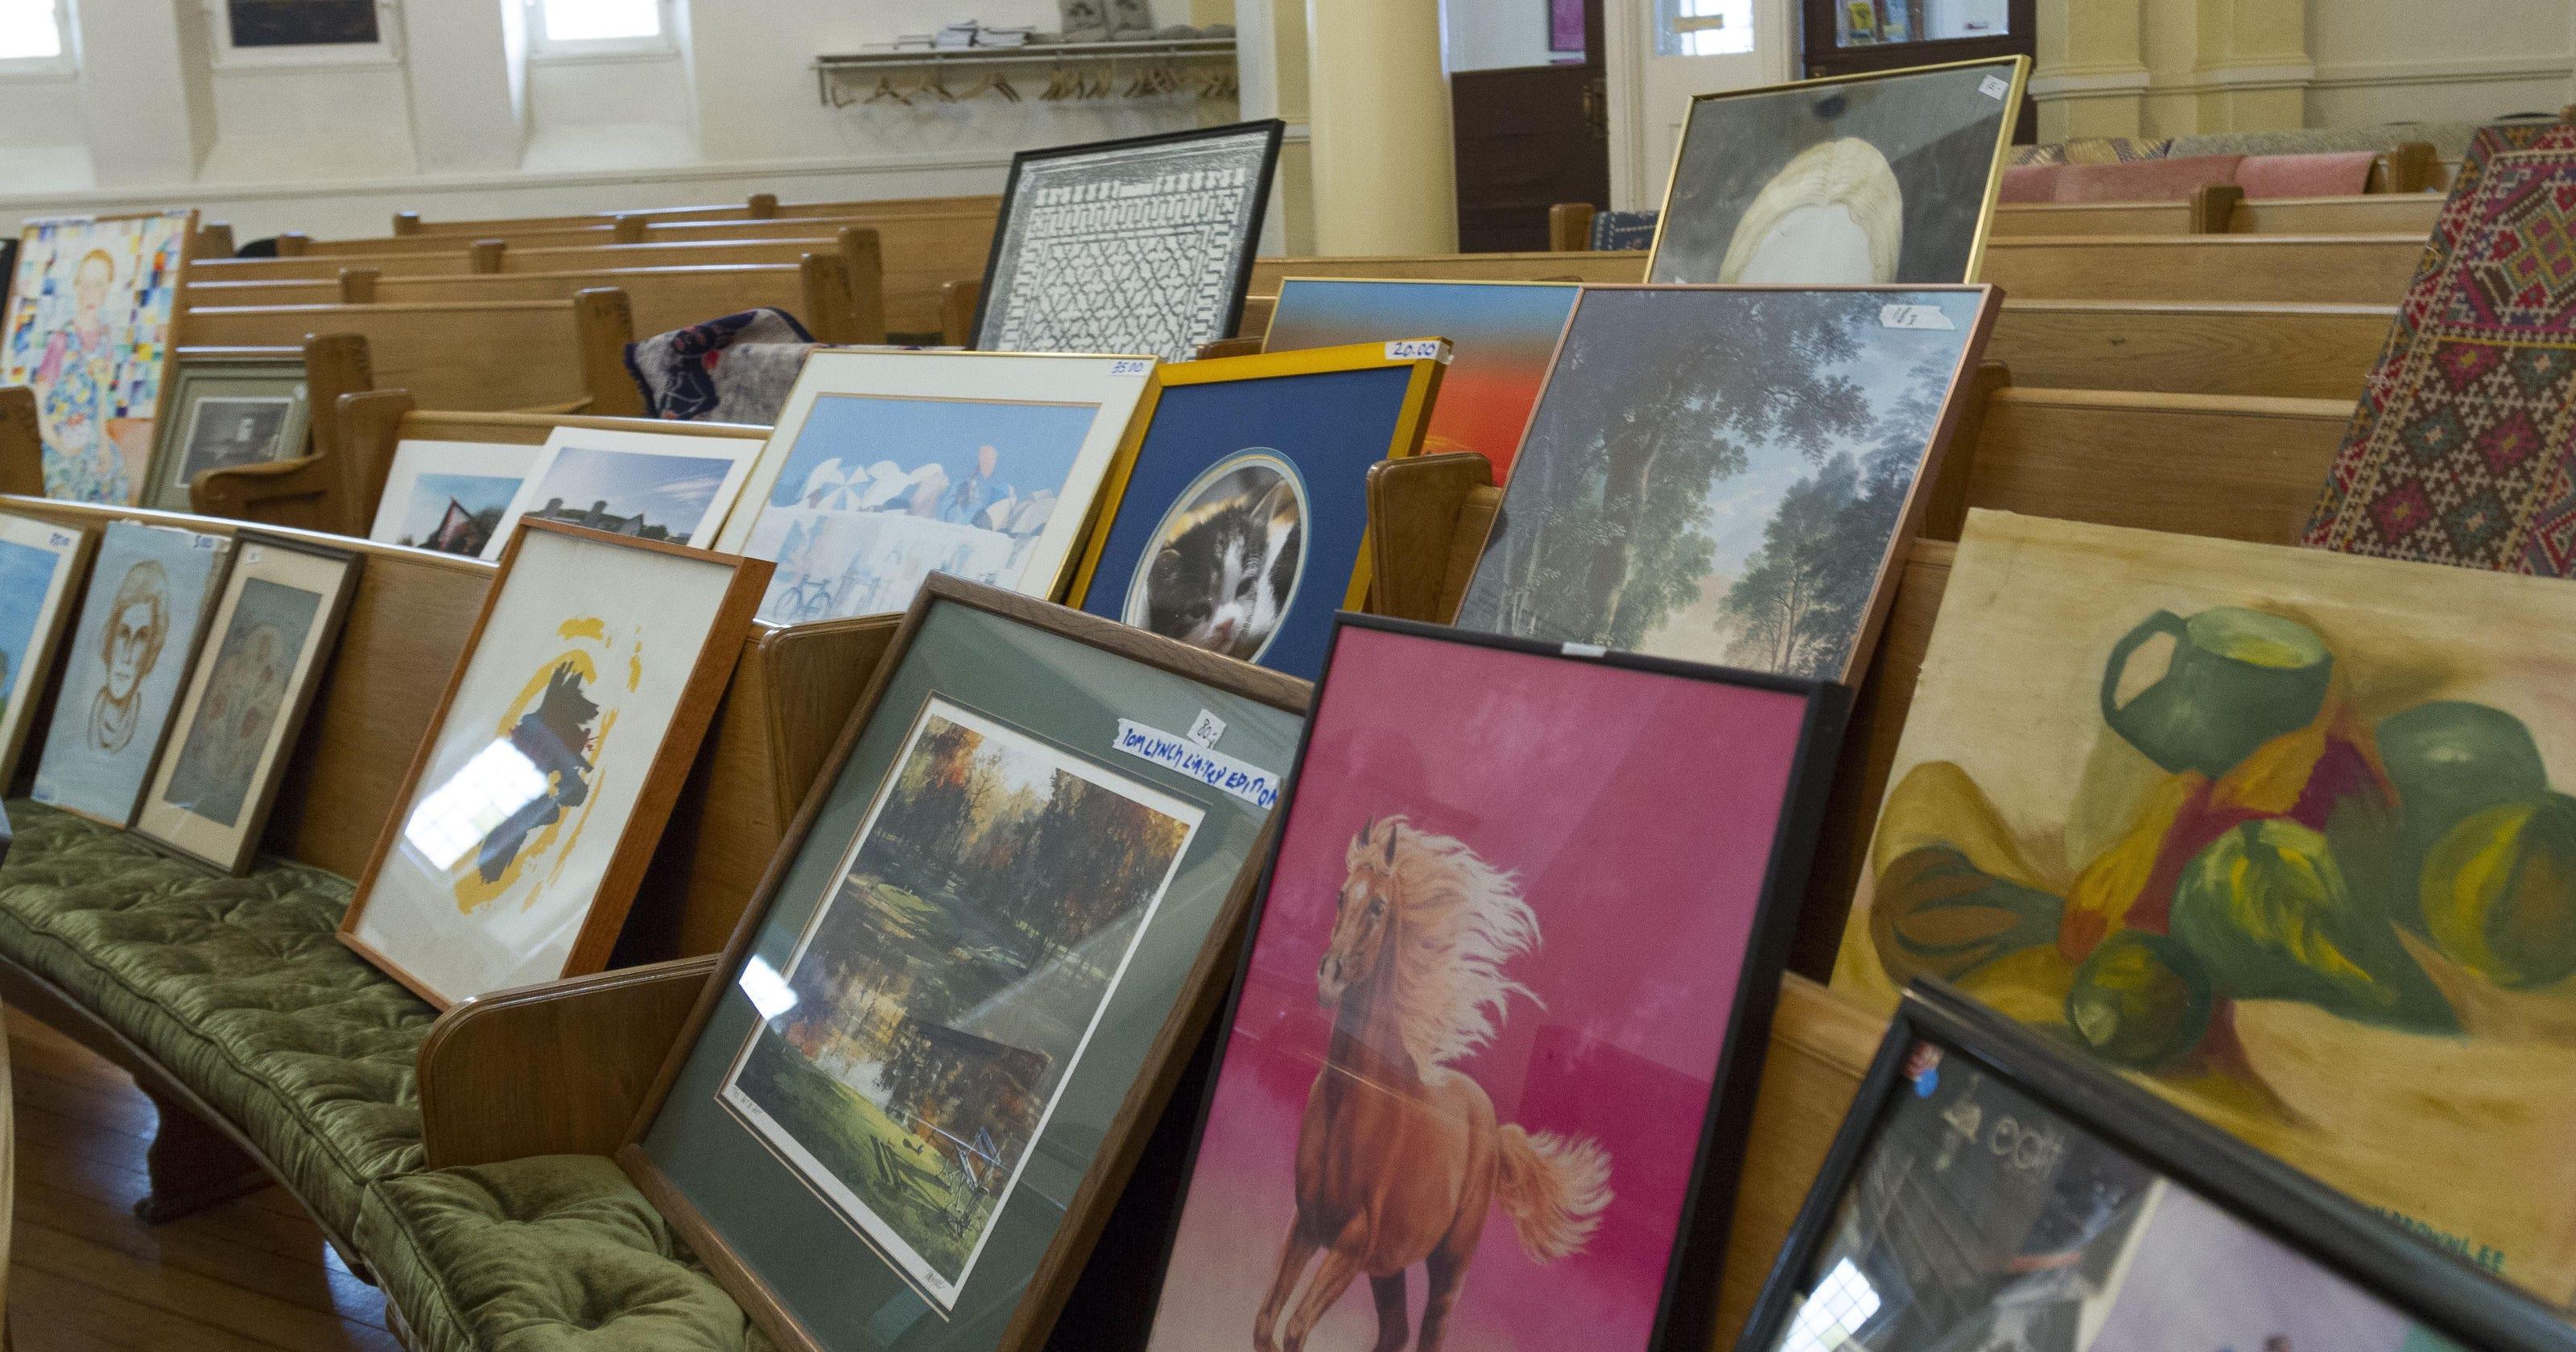 Unitarian Church hosts annual rummage sale